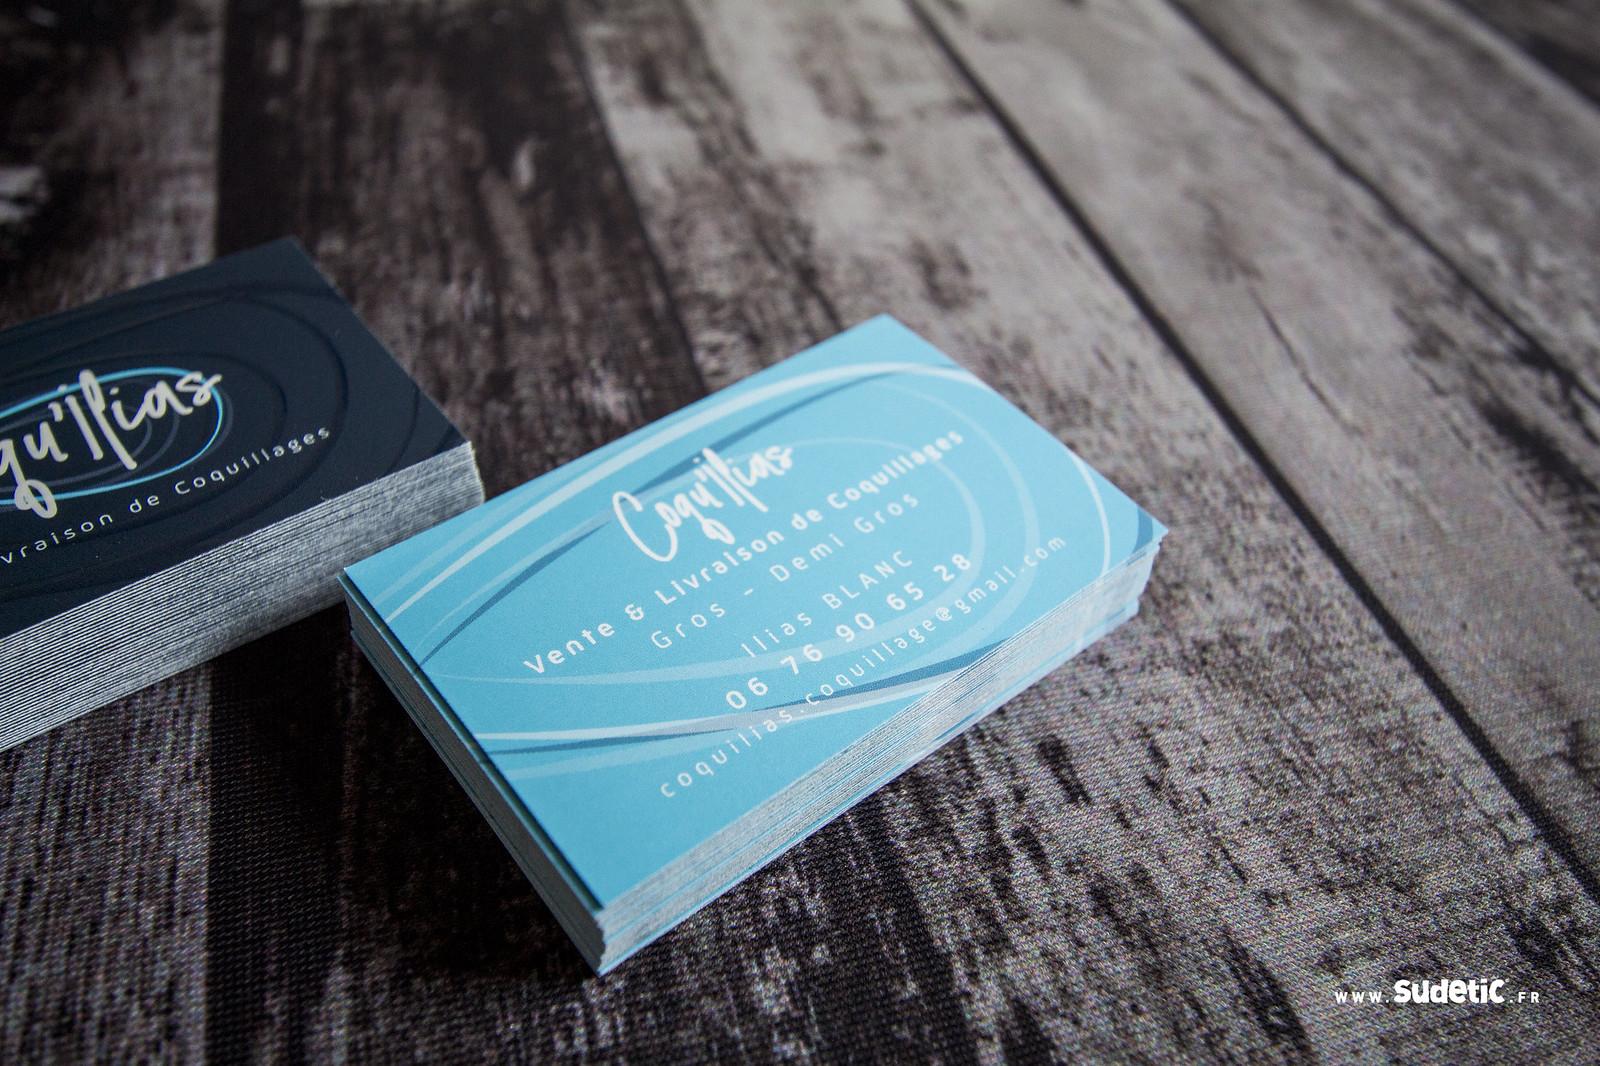 Sudetic cartes de visite coquilias-3